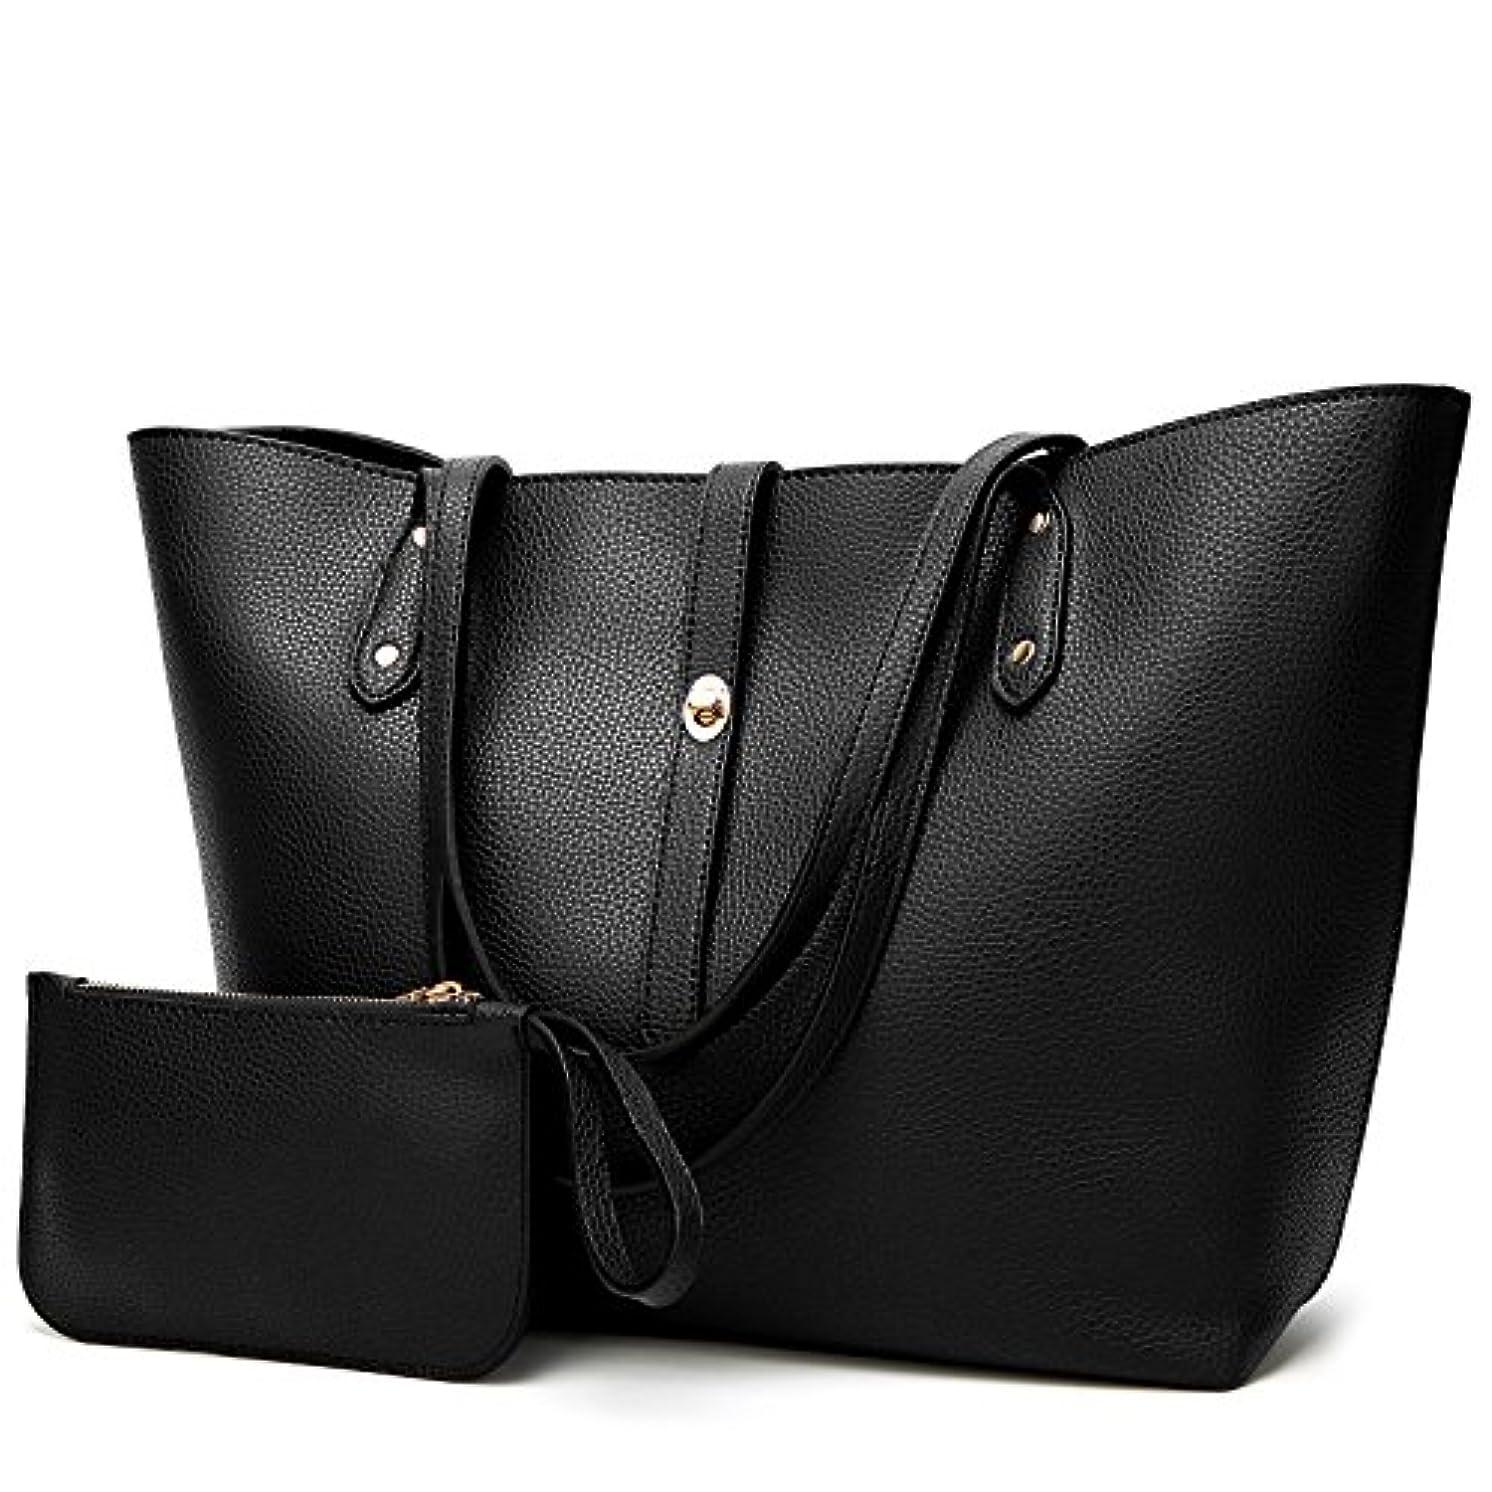 費やす評議会道徳[TcIFE] ハンドバッグ レディース トートバッグ 大容量 無地 ショルダーバッグ 2way 財布とハンドバッグ